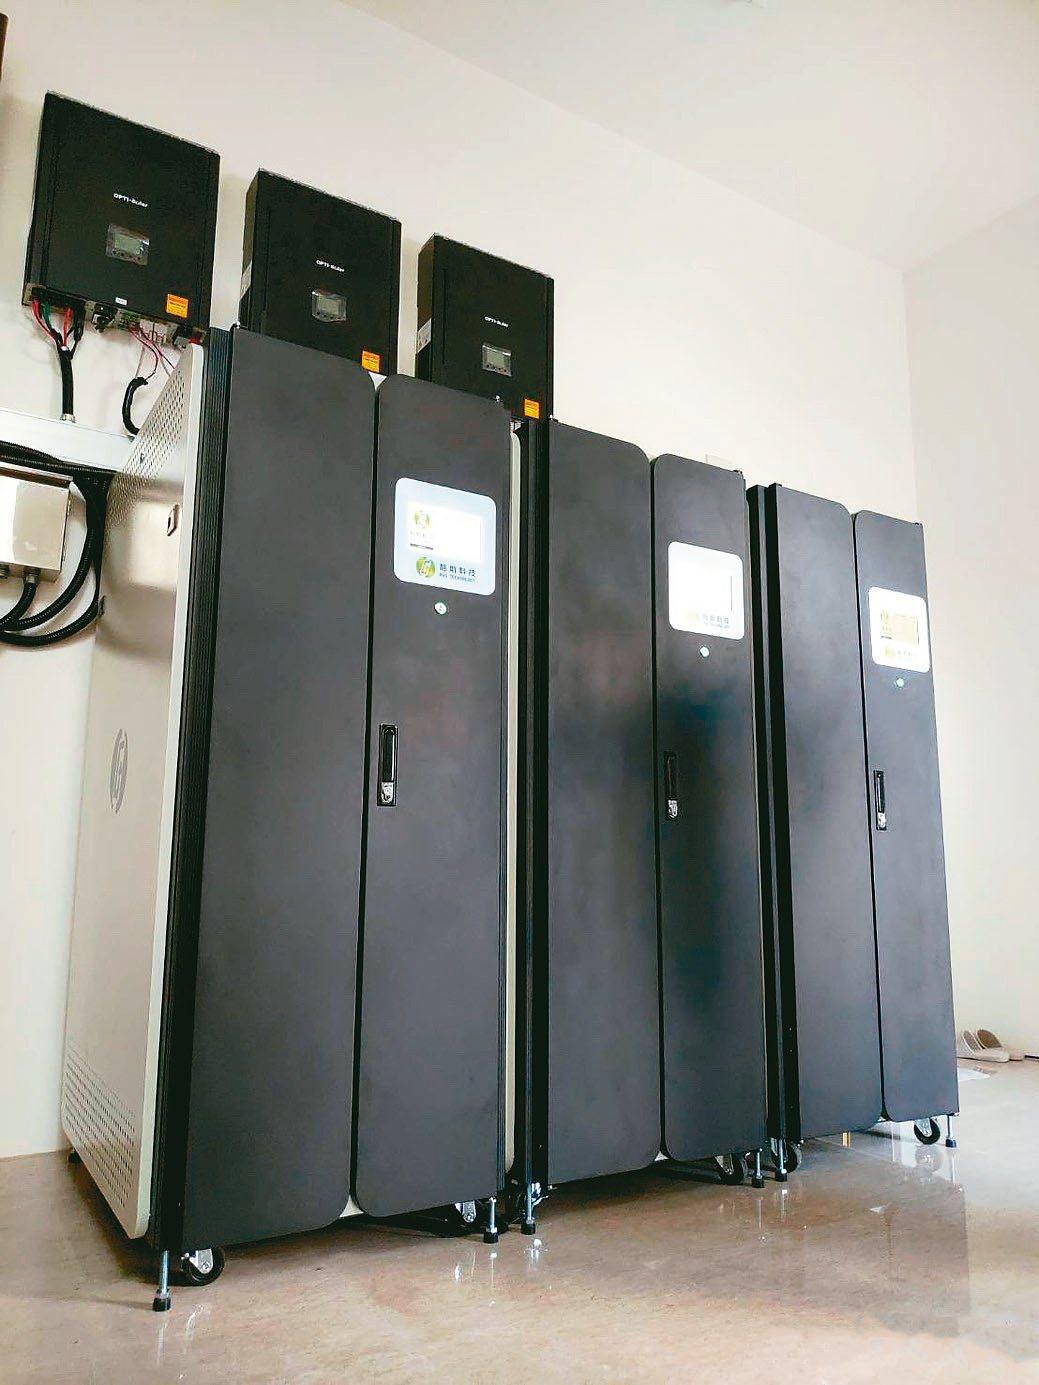 格斯科技團隊在台中東區豪宅使用鈦酸鋰電池儲能系統結合太陽能的實際應用。格斯...